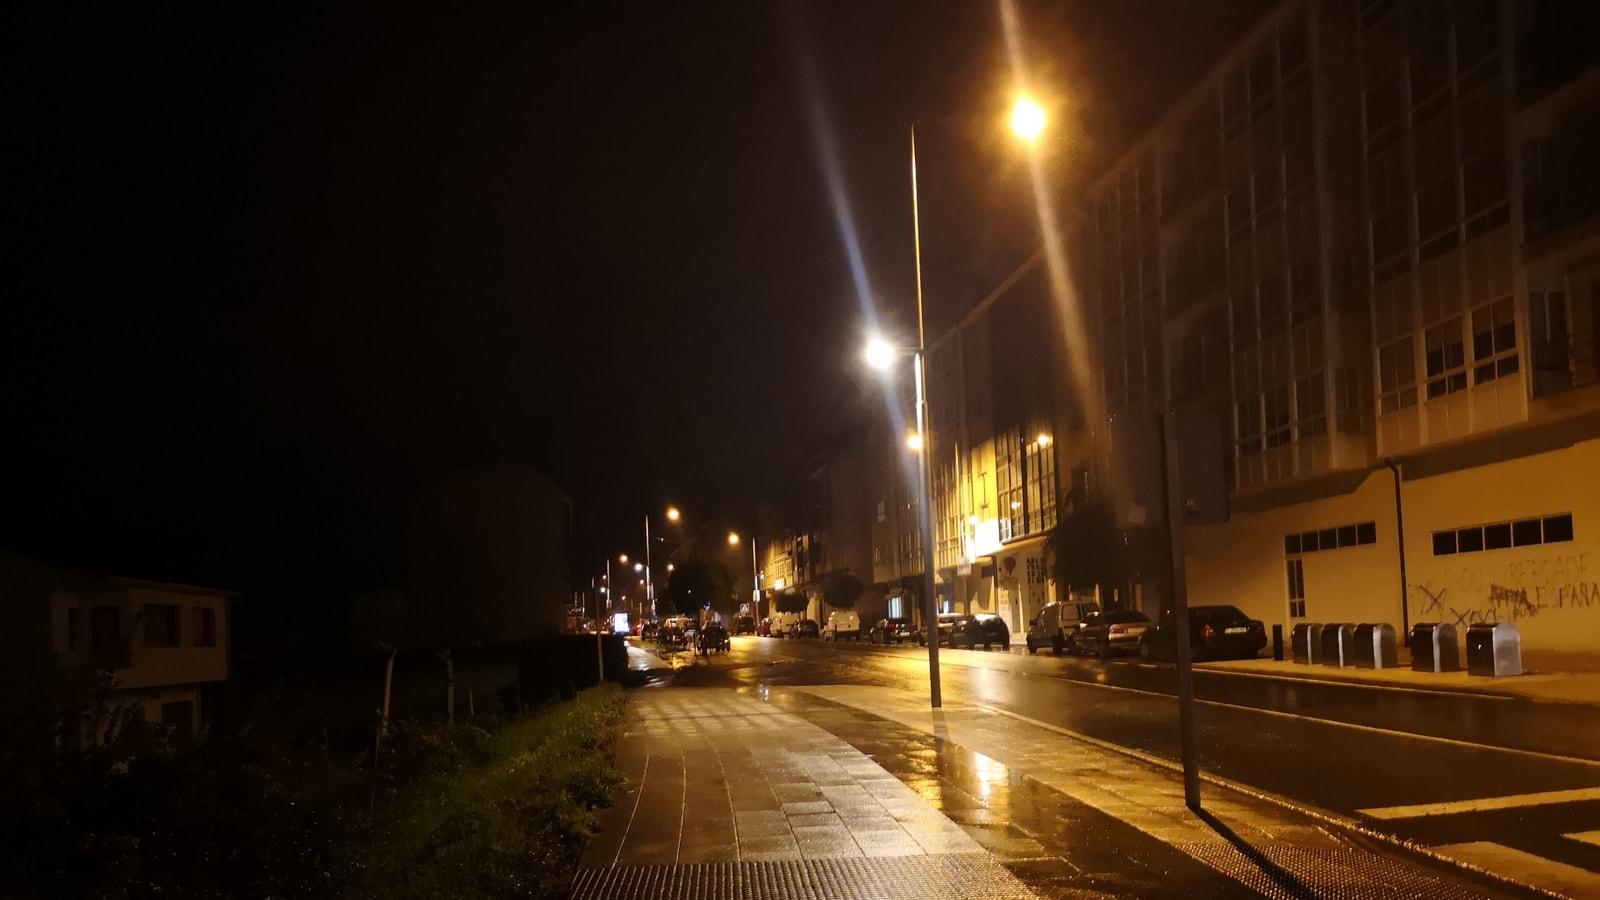 Ohne Frühstück und ohne Kaffee laufen wir mit unseren kleinen Powerbank-Leuchten noch im Dunkeln los. Bald schon fängt es an zu regnen.